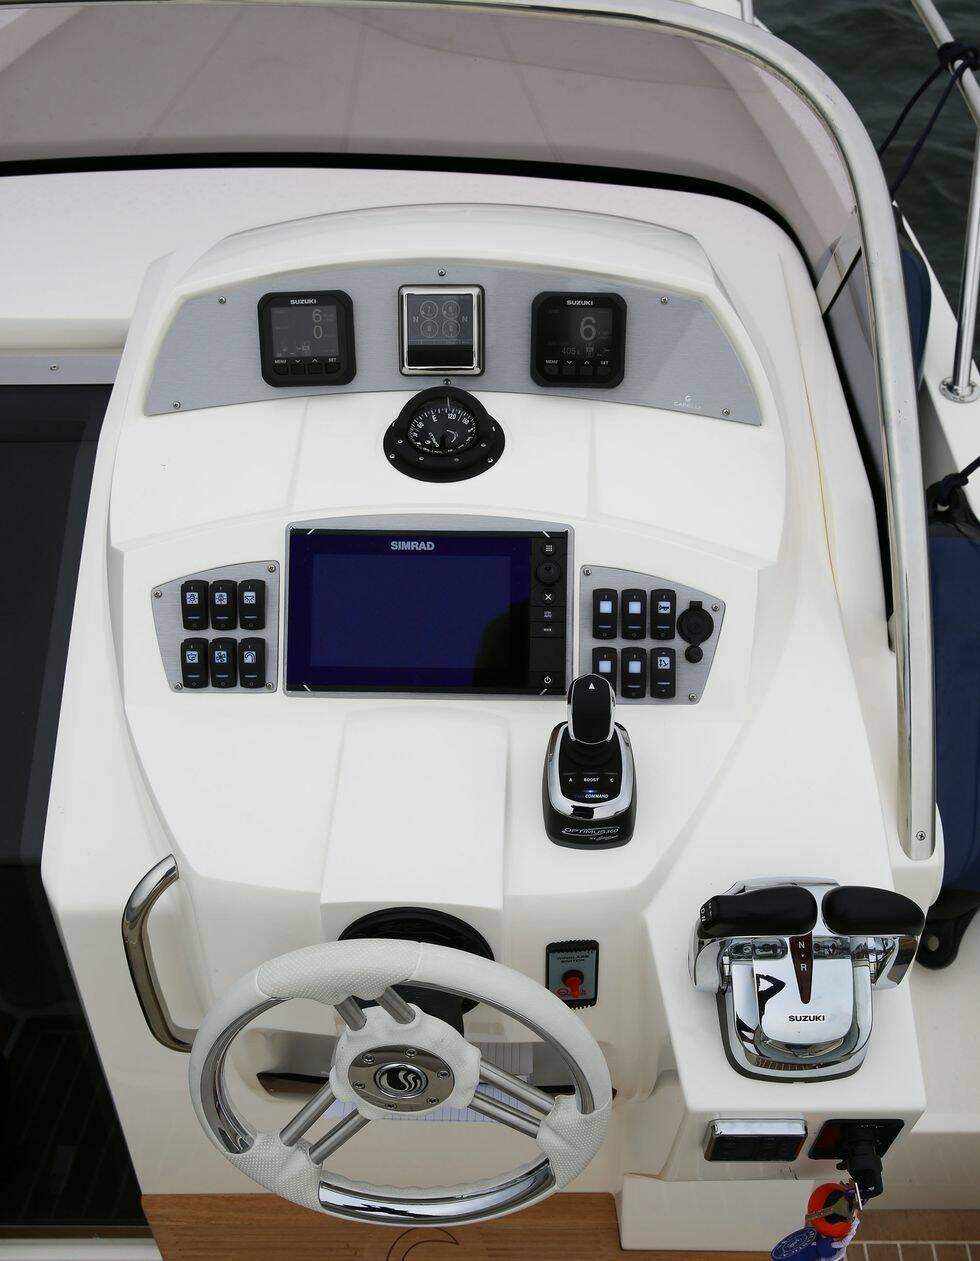 Nya joystickstyrningen för mindre motorer